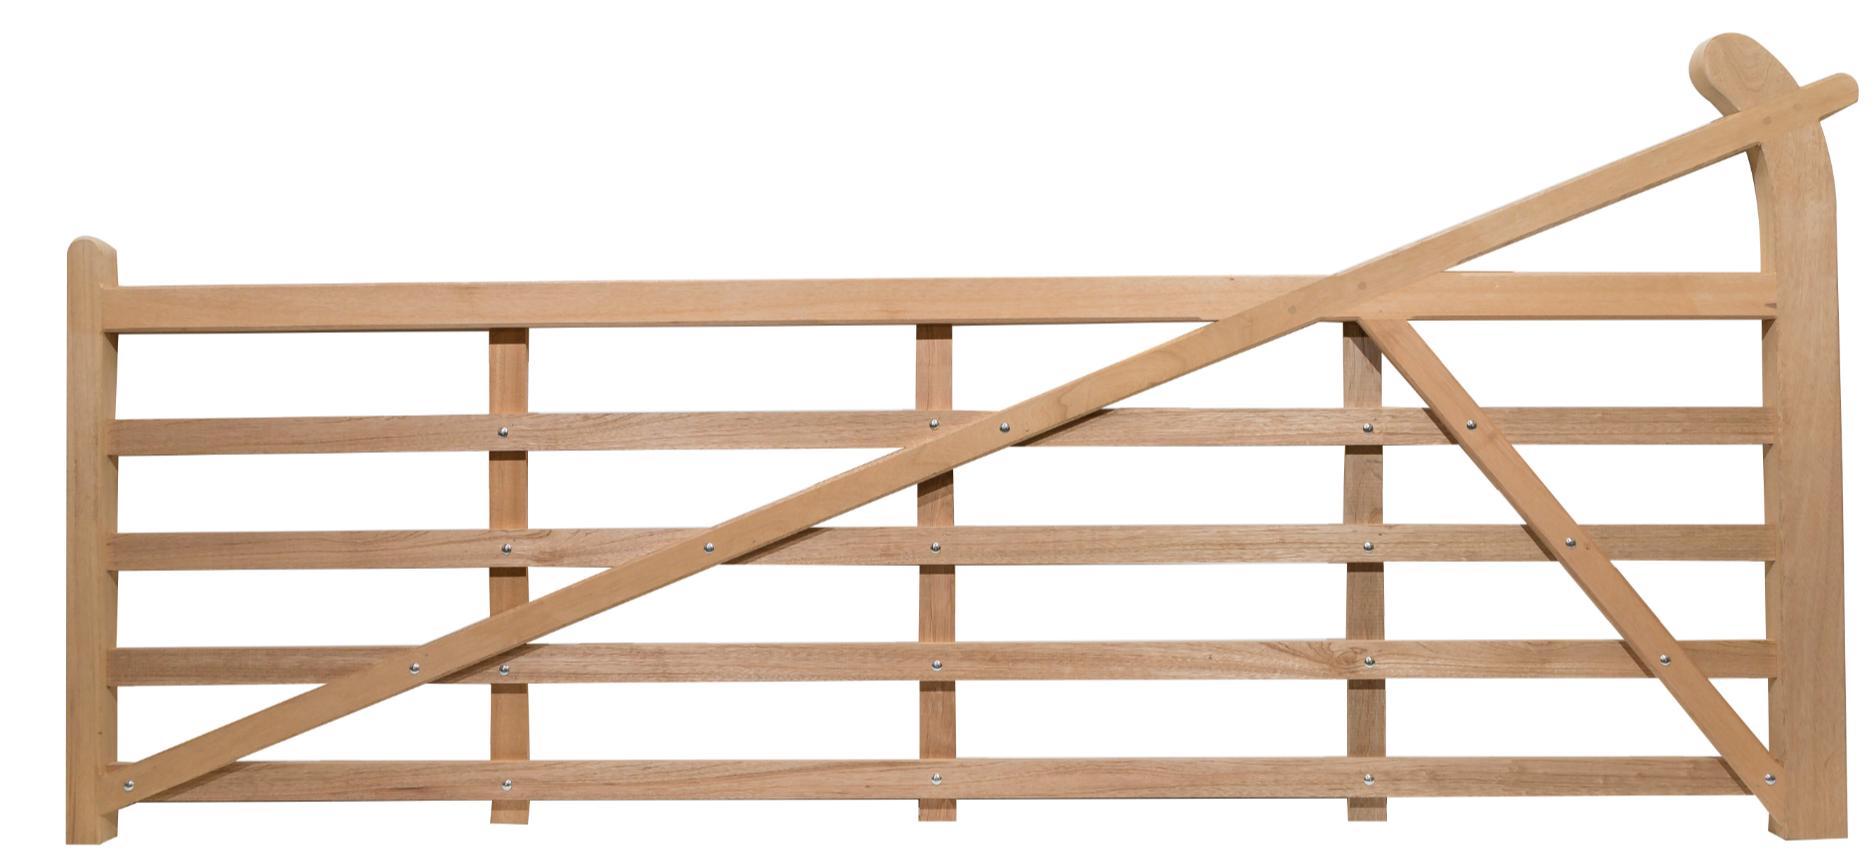 Hardwood Bent Artree 5 Bar Entrance Gate Buy Online